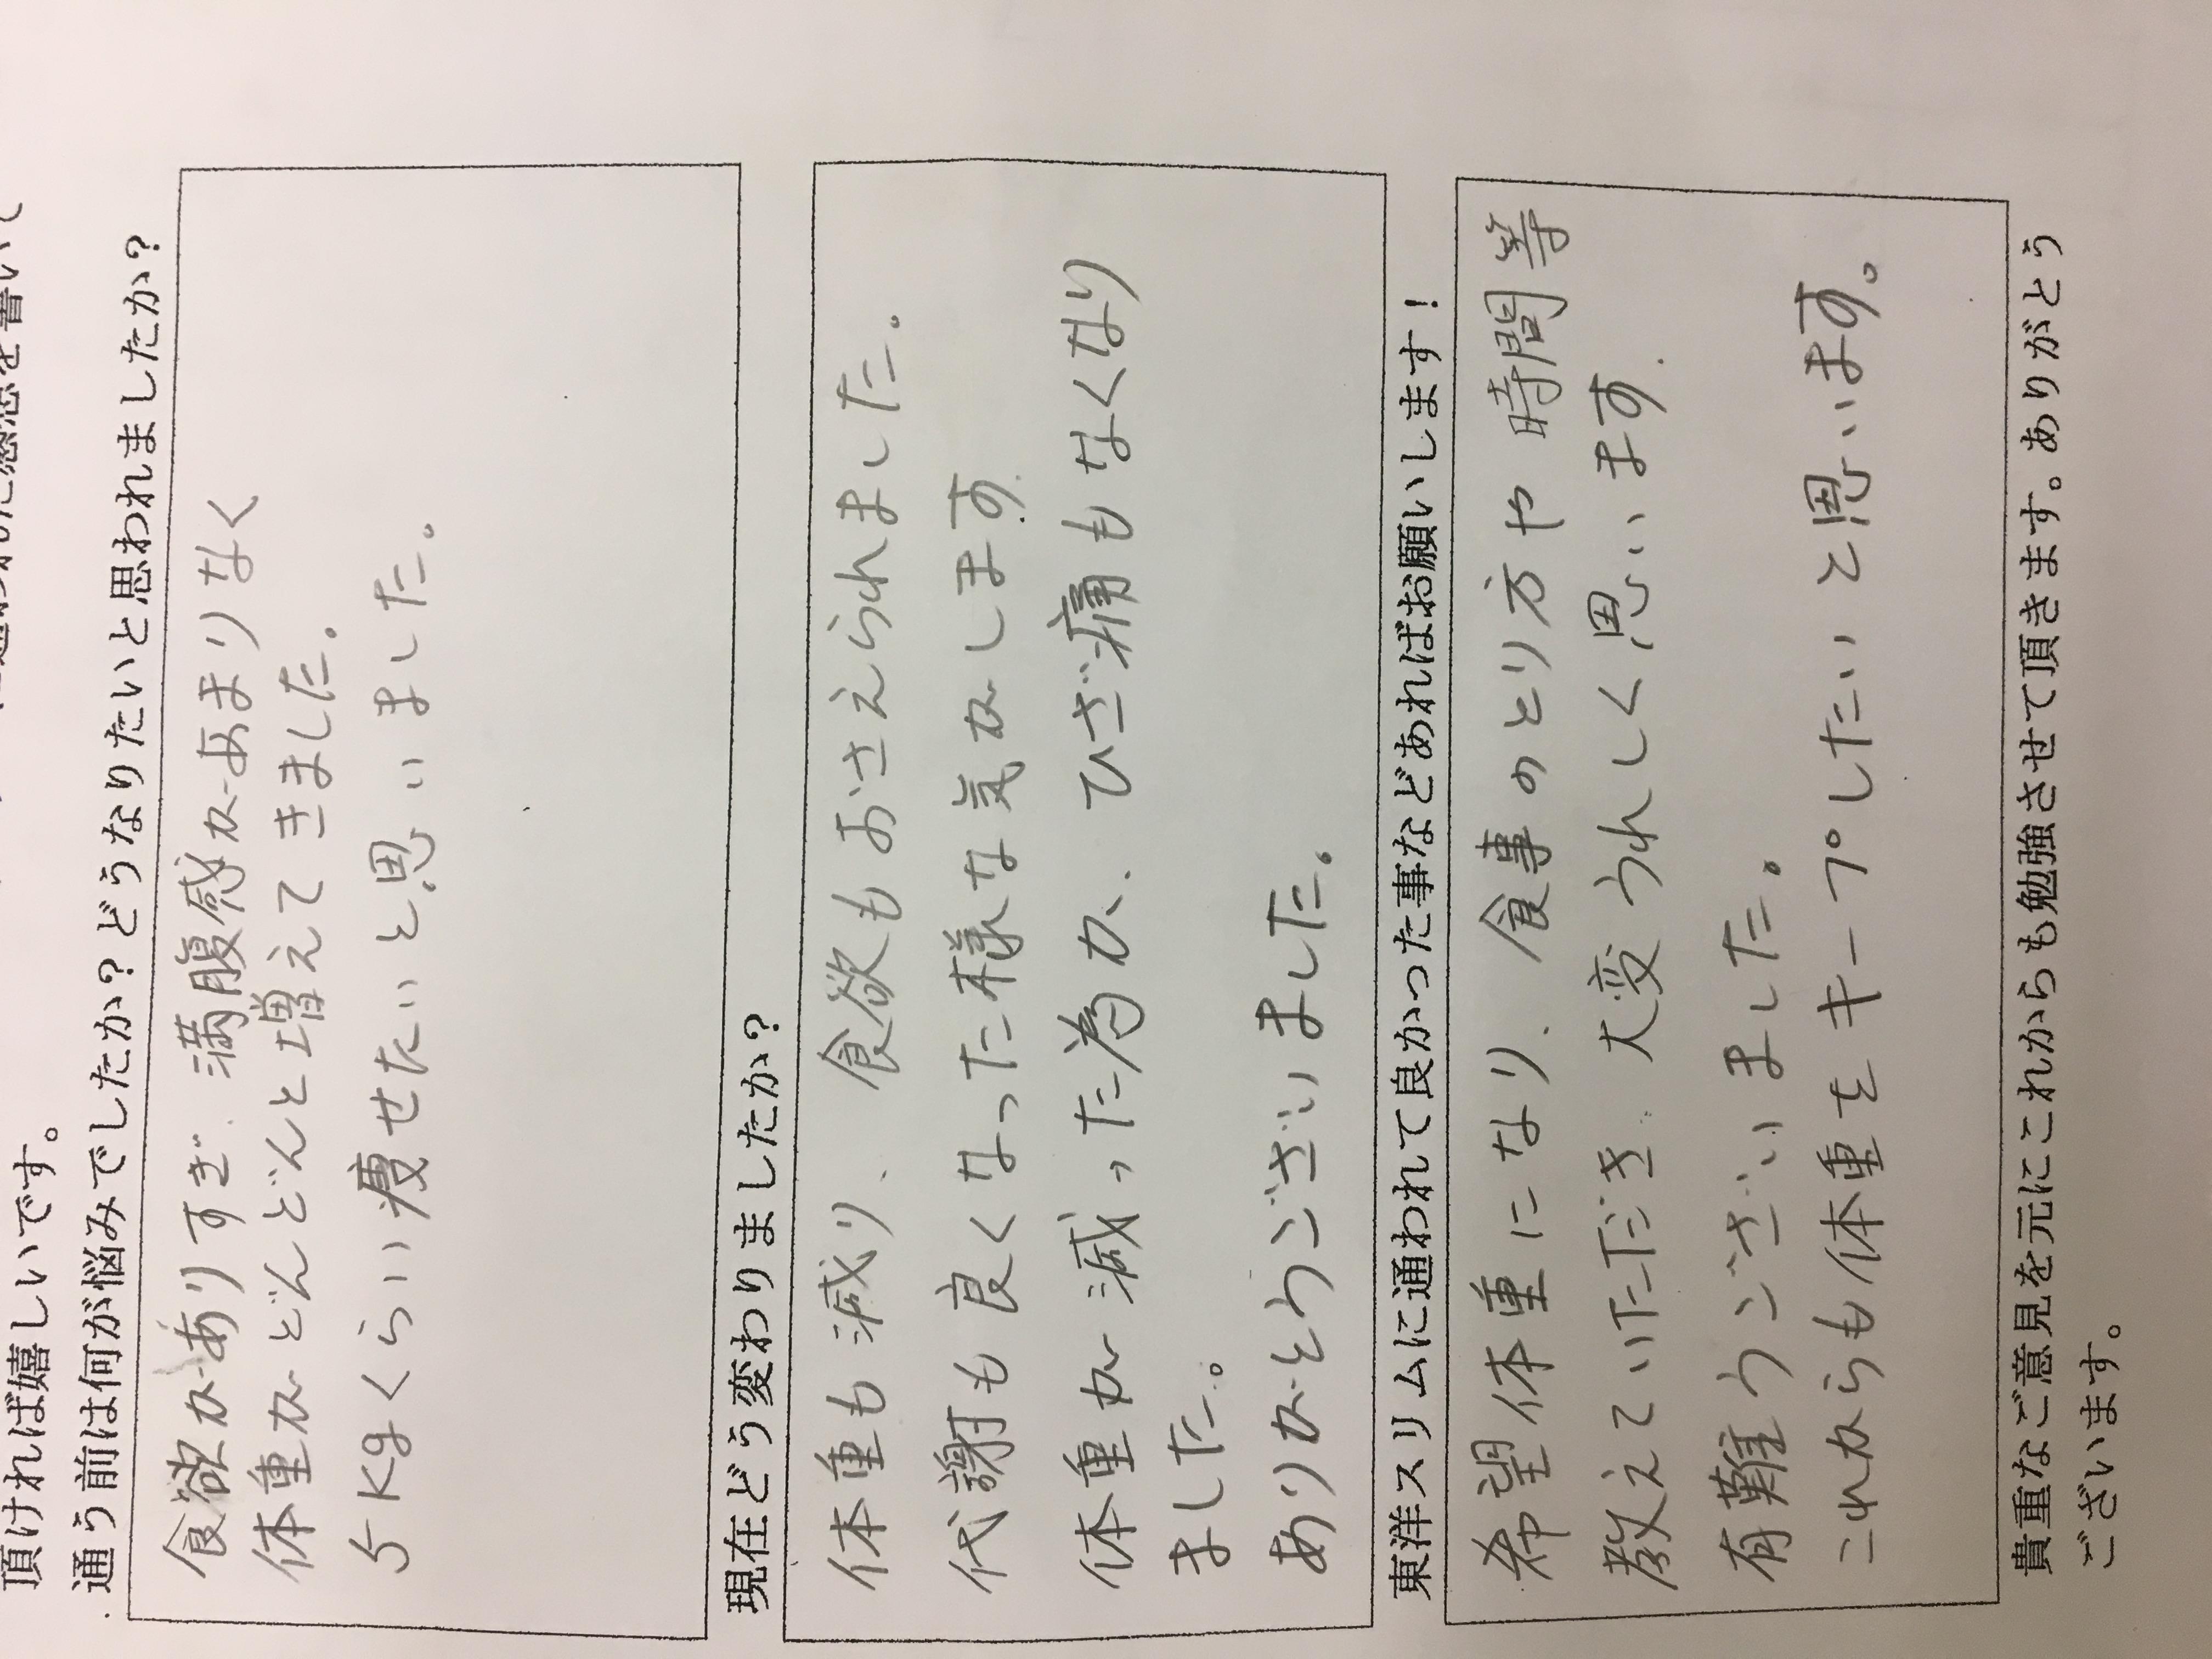 [皆様の声]大阪府松原市Kさん(50代)耳つぼダイエット6.8kg成功。膝痛がなくなりました。